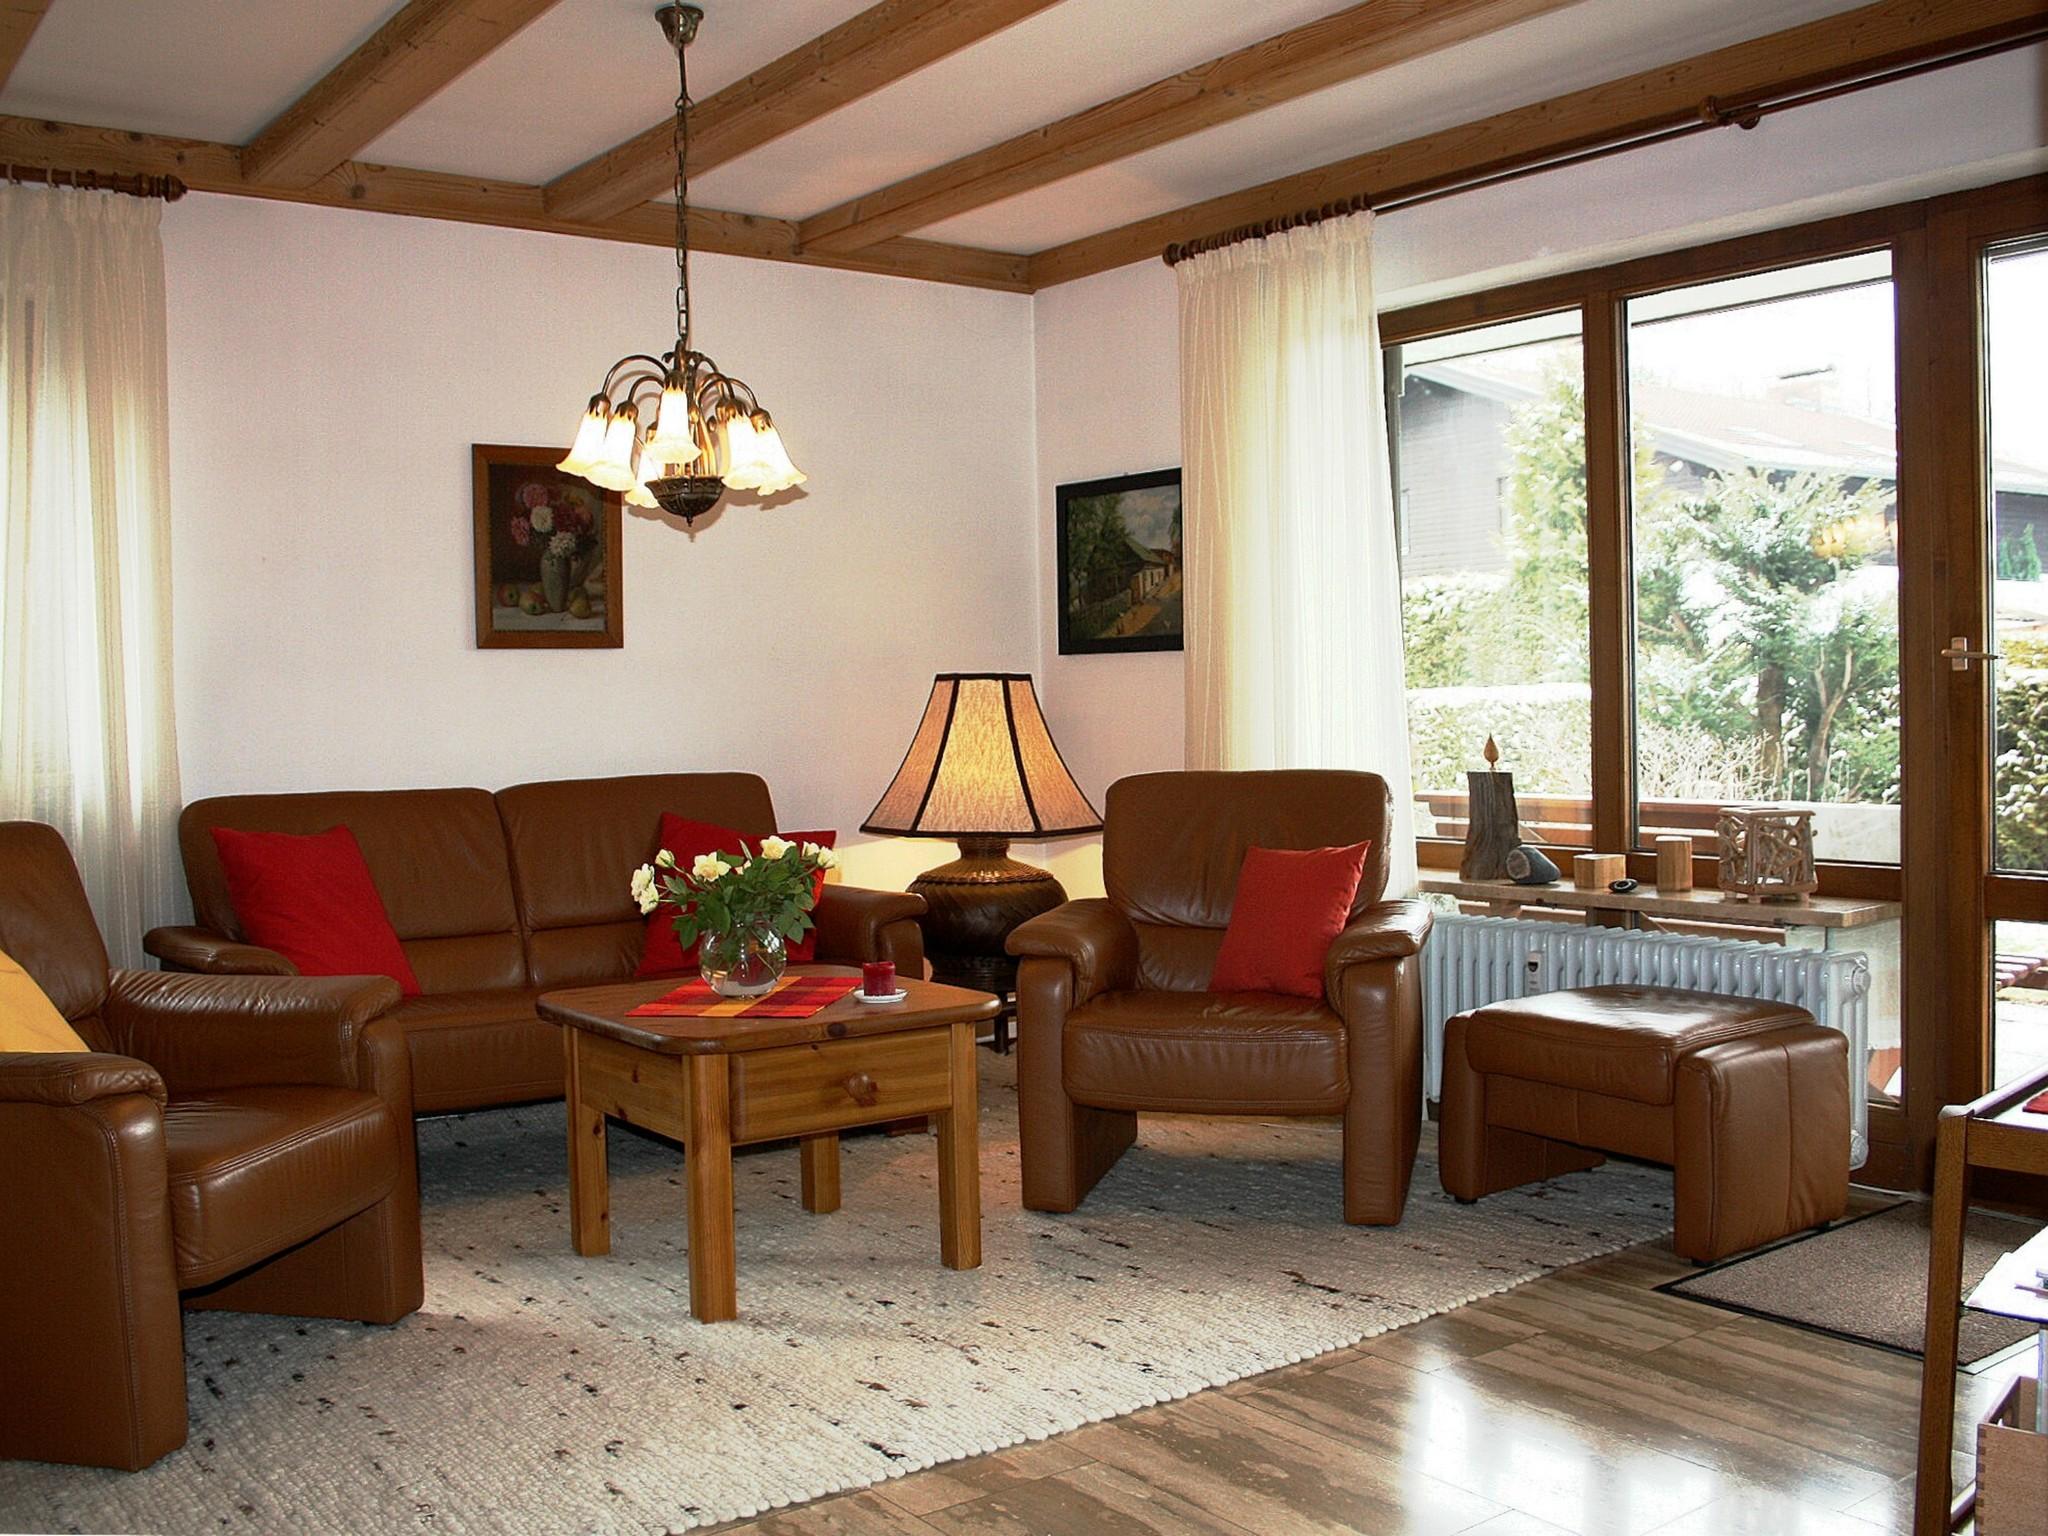 Hinterleitner angelika de grassau ferienwohnung 80 qm for Wohnzimmer 80 qm